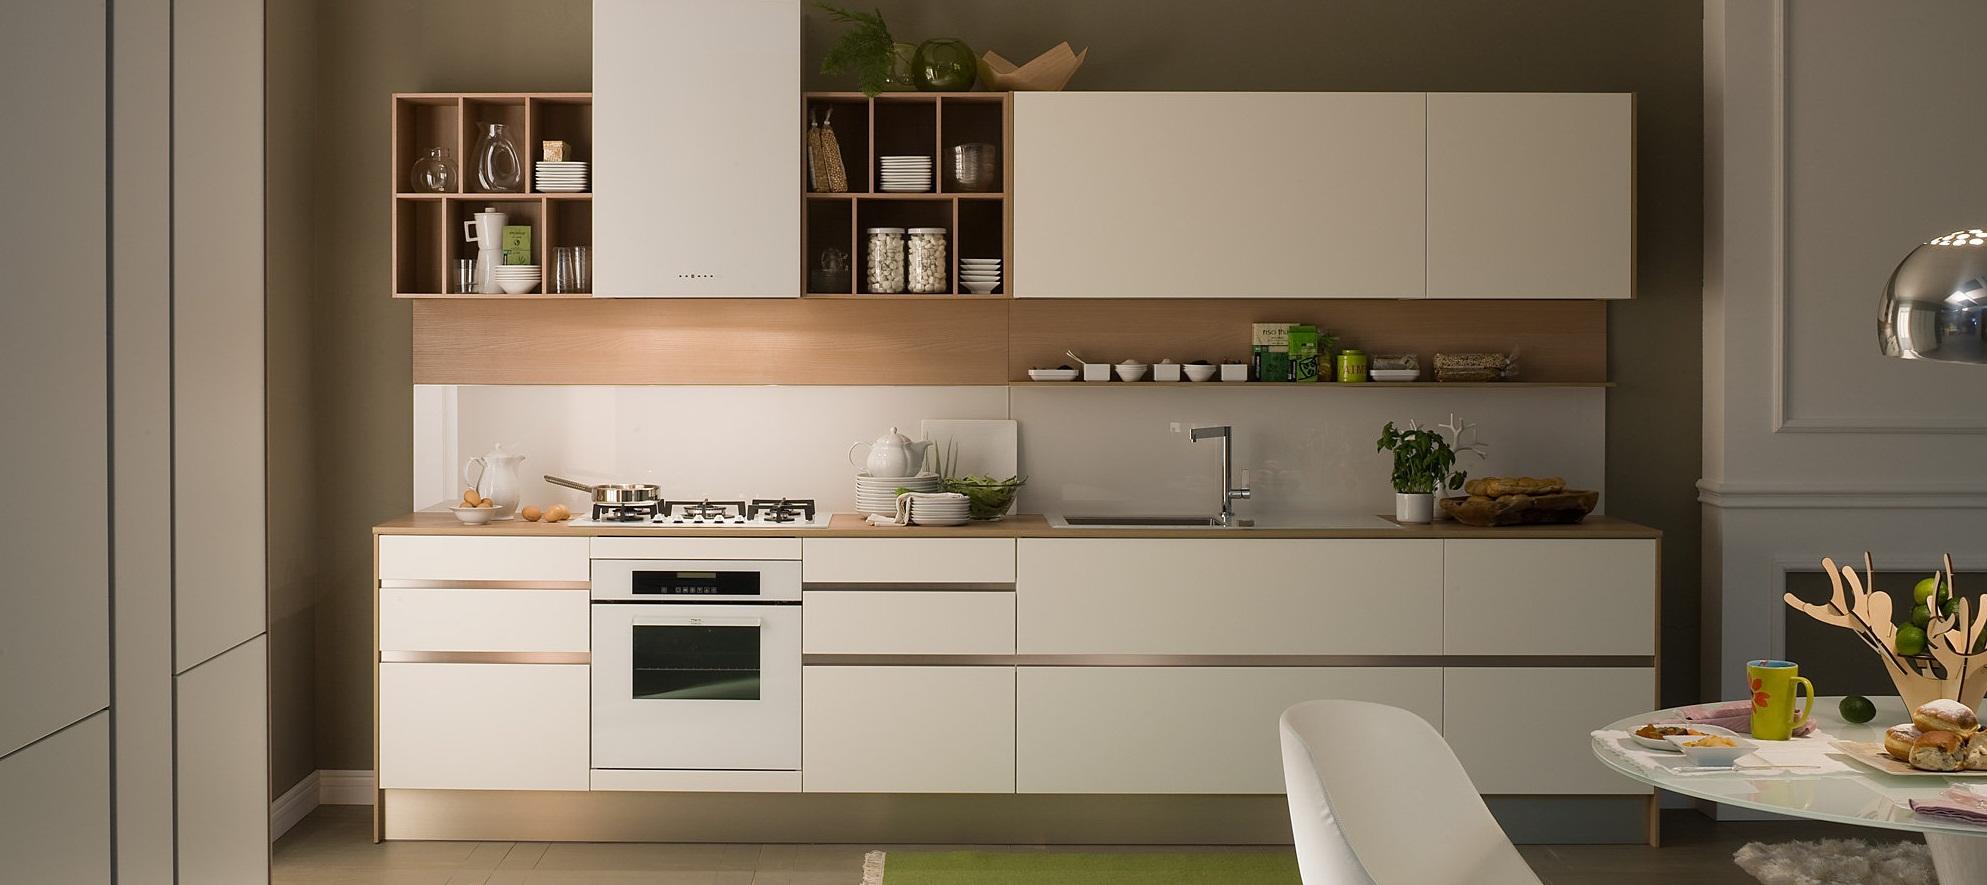 Armadi cucina superiori (39 foto): larghezza della cucina ...